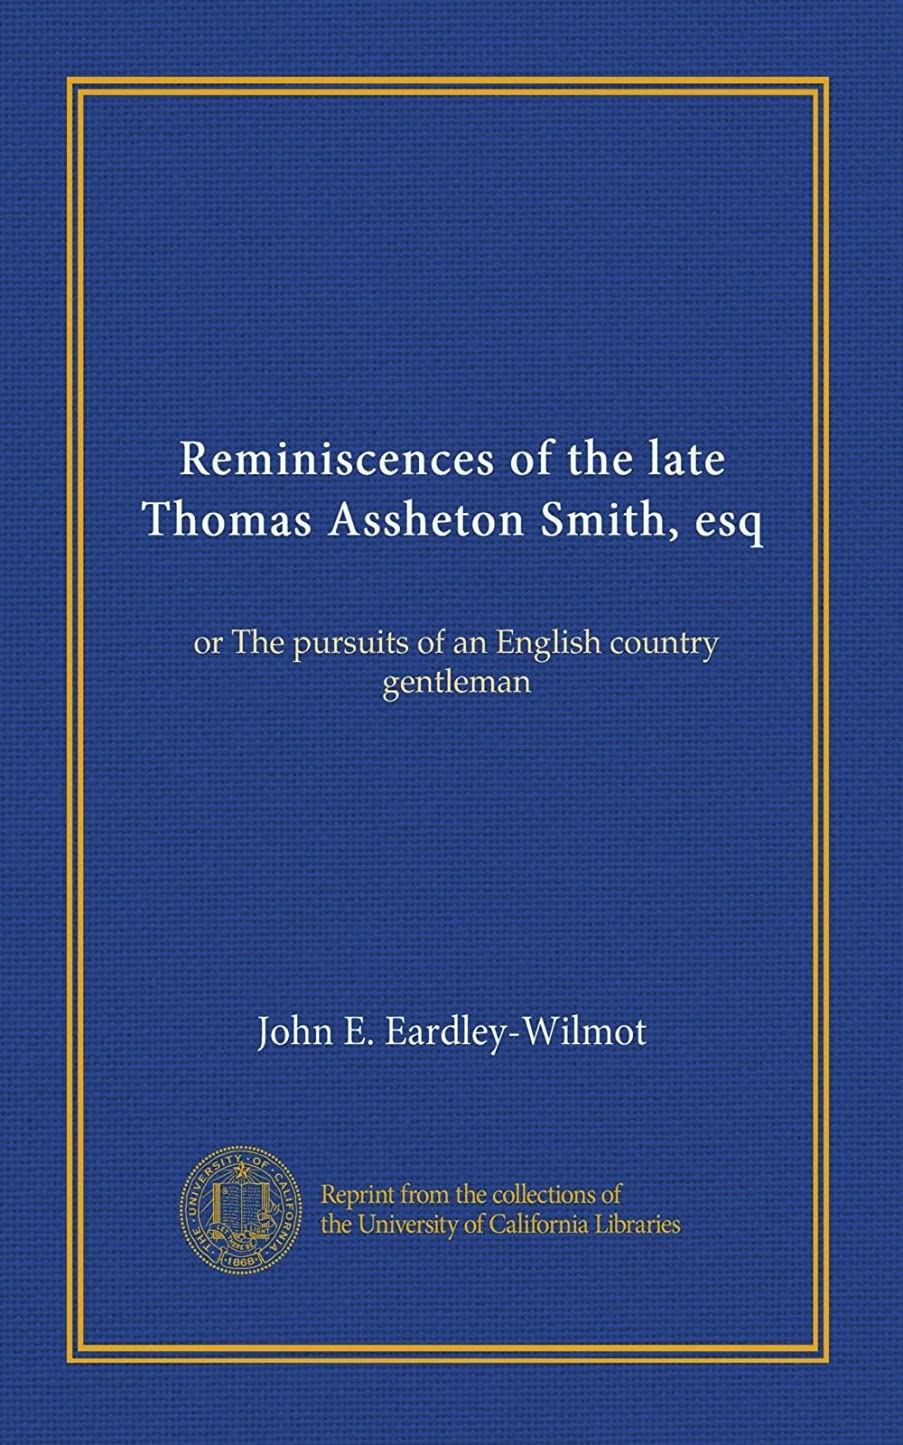 銀病気だと思うペースReminiscences of the late Thomas Assheton Smith, esq: or The pursuits of an English country gentleman